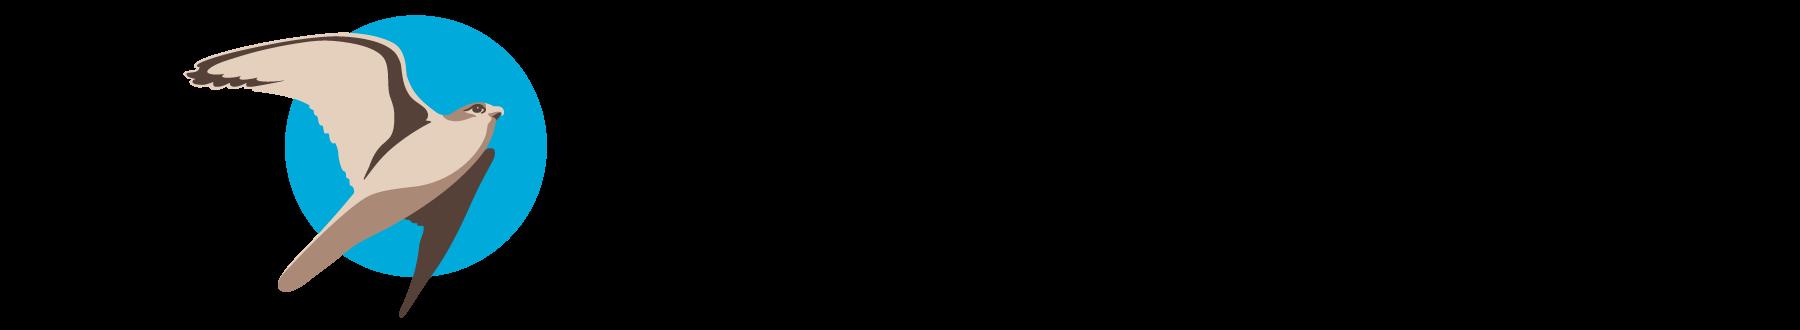 portfolio bilavia logo 04